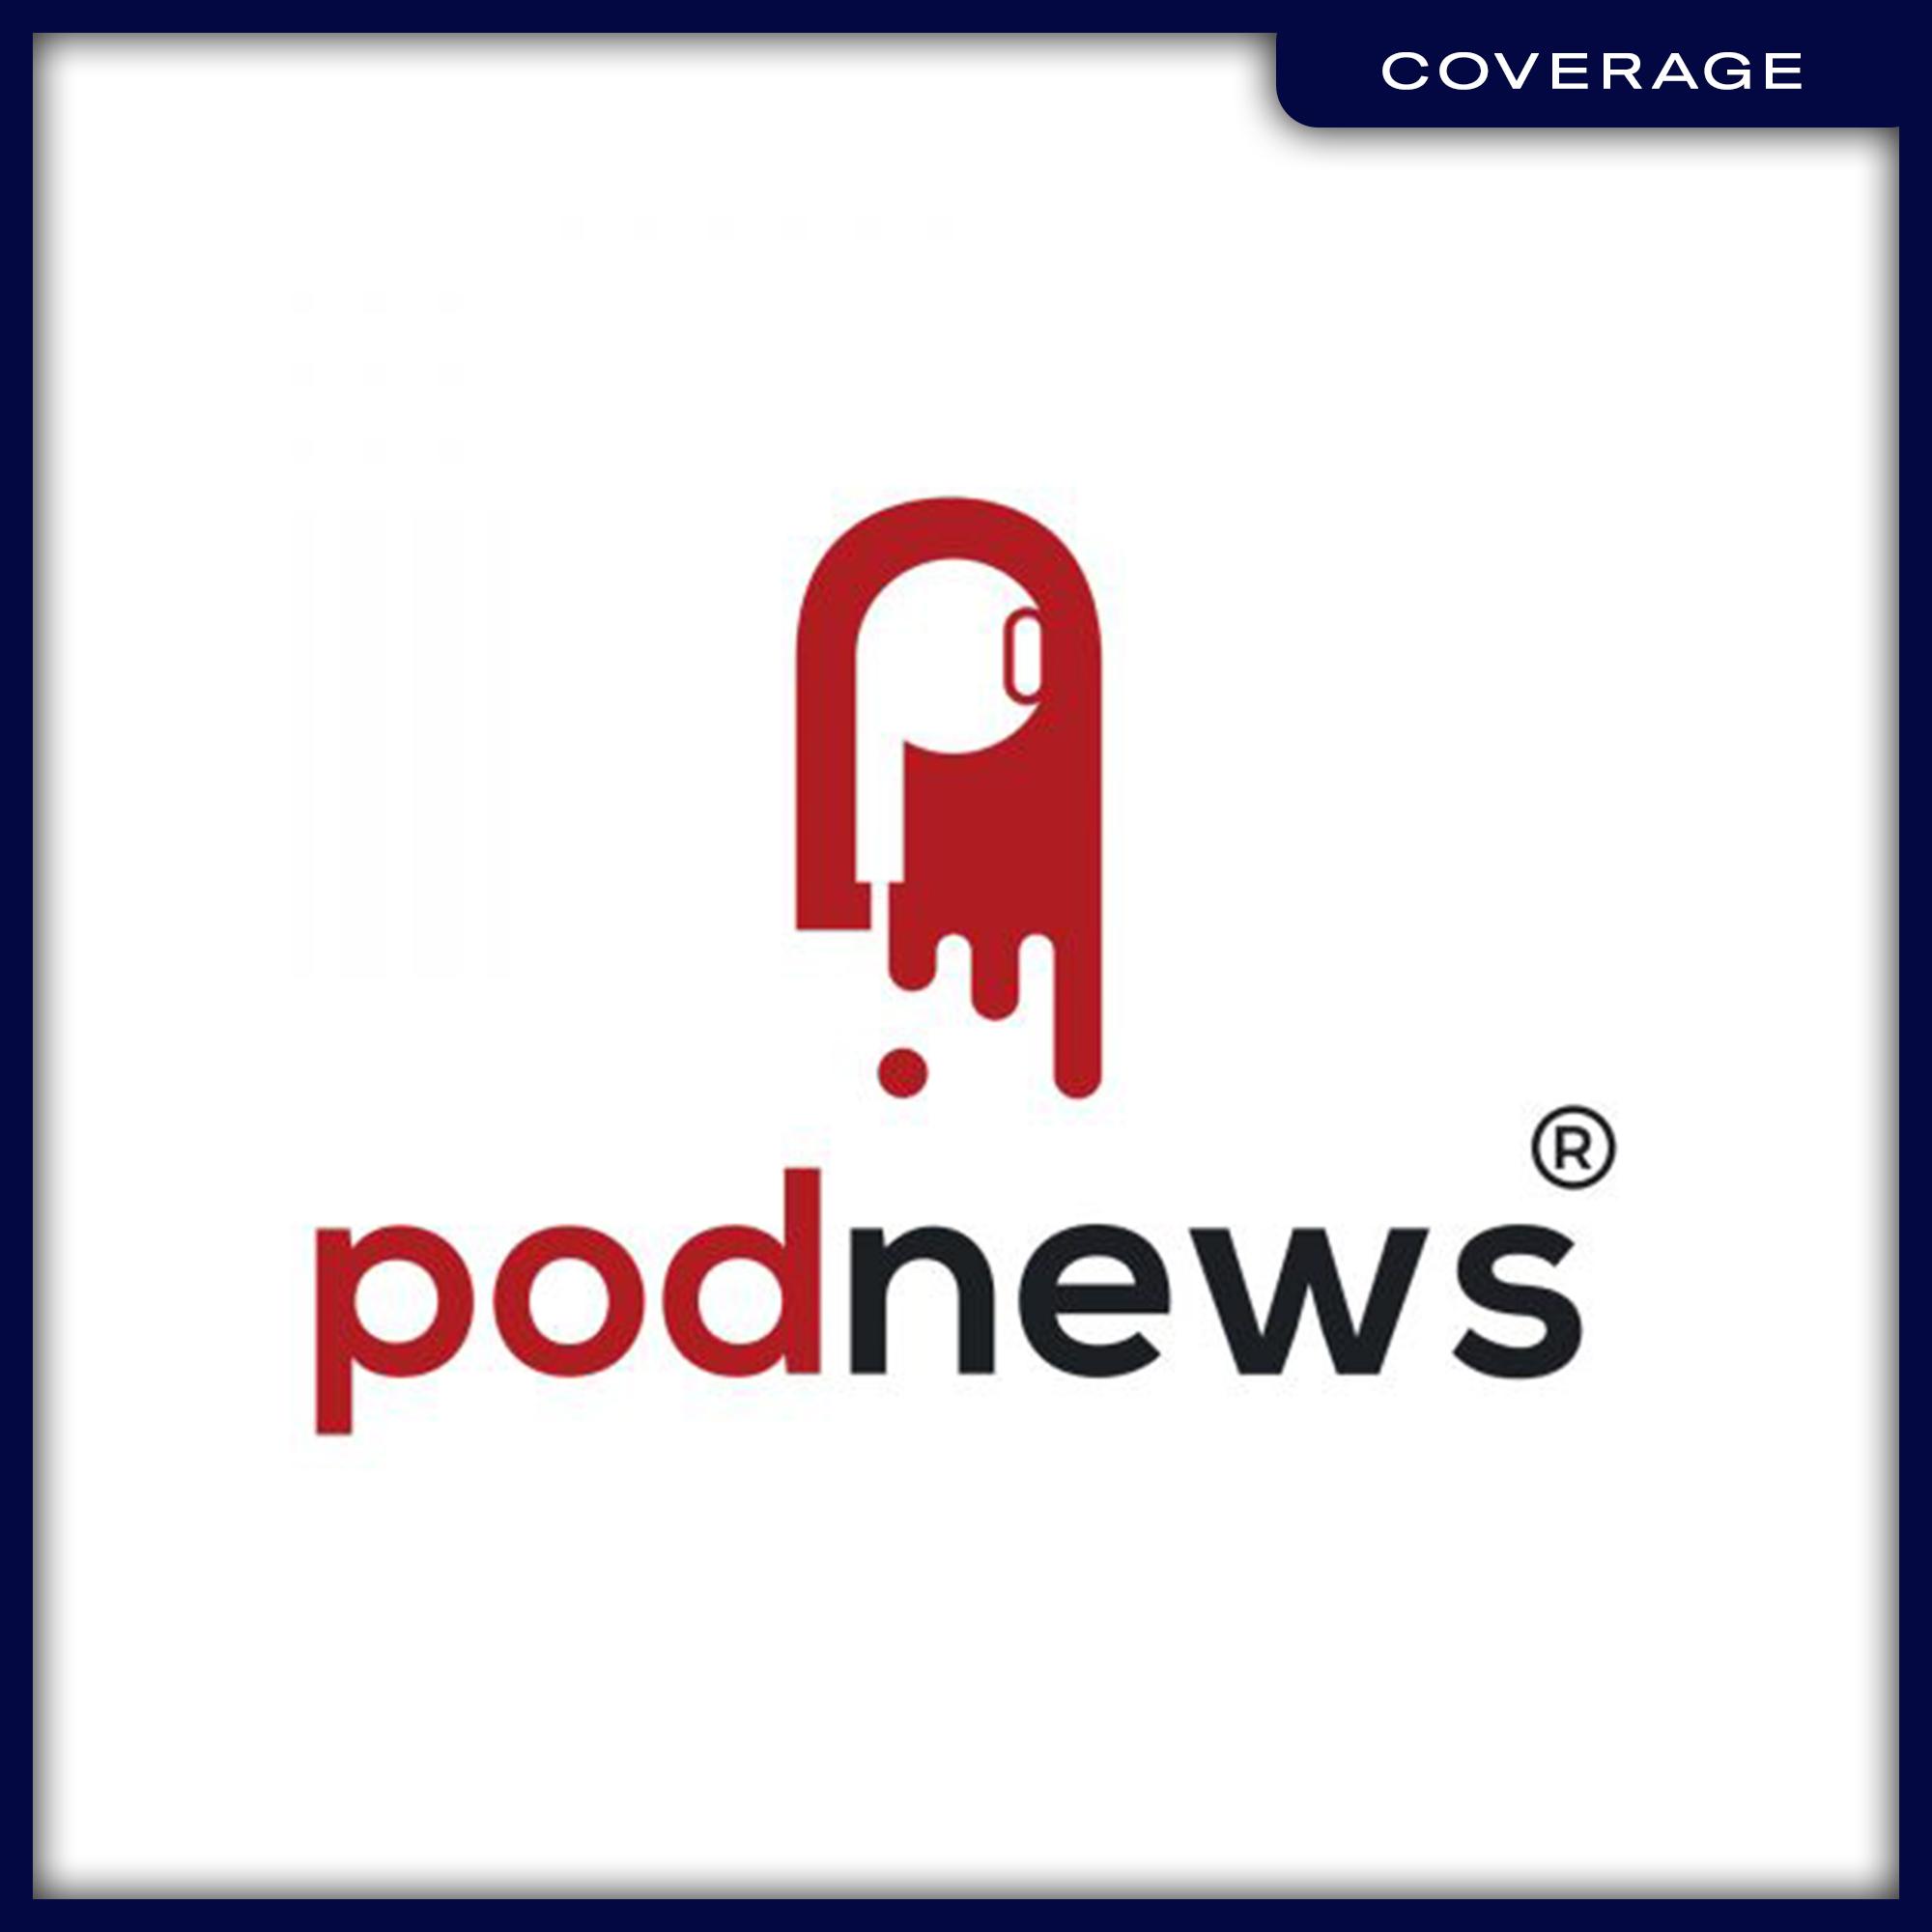 26_Coverage_PODNEWS